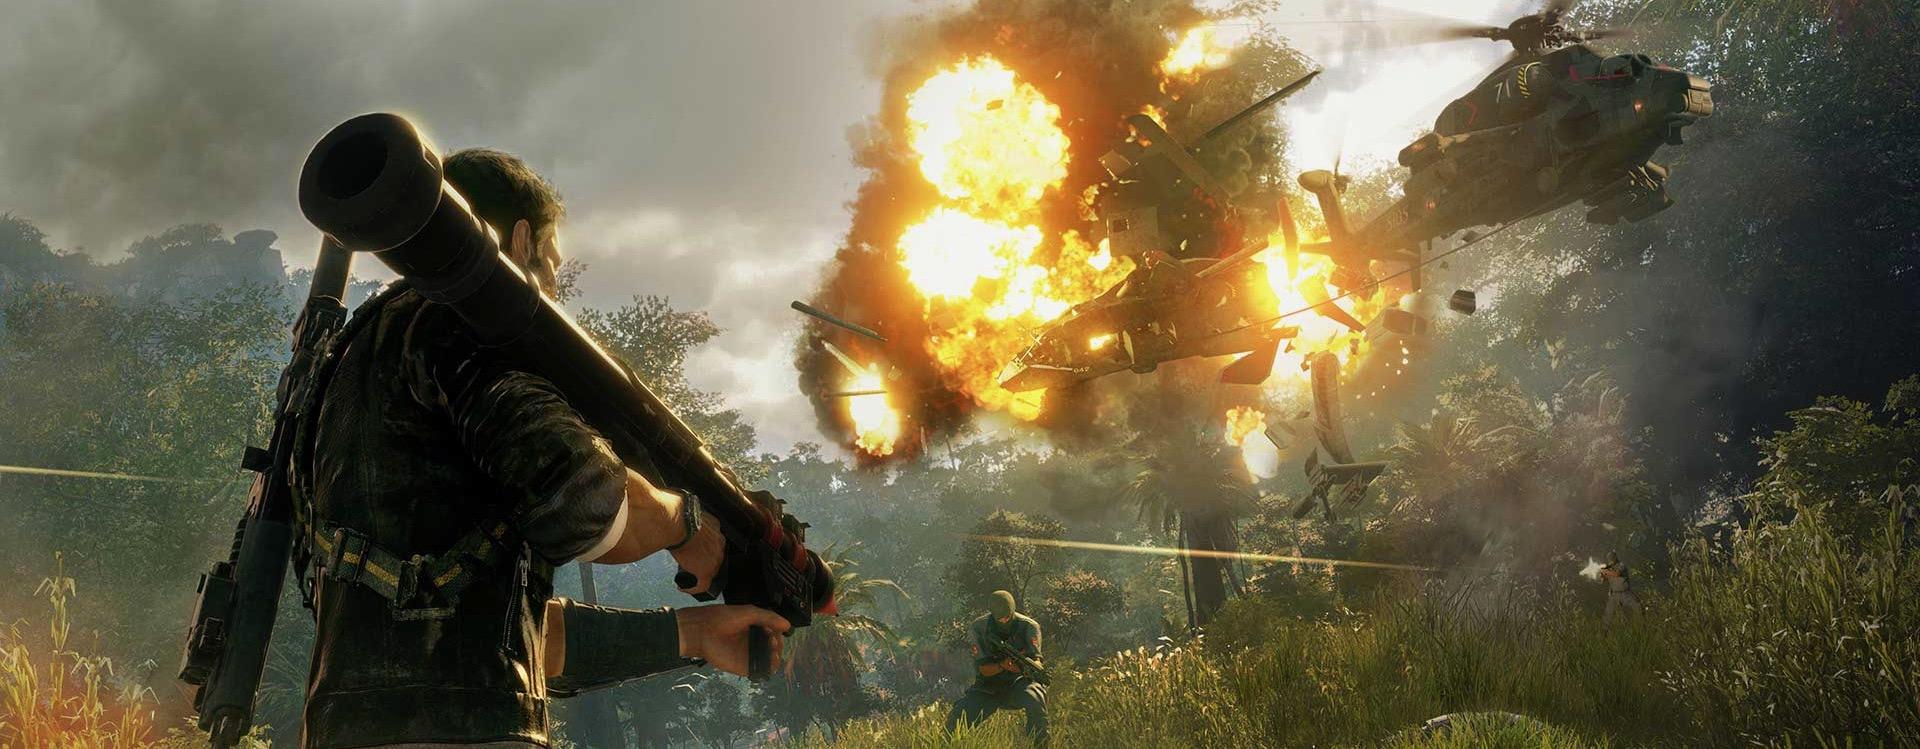 PS Store: Angebot der Woche bringt Action-Kracher Just Cause 4 nun 75% günstiger